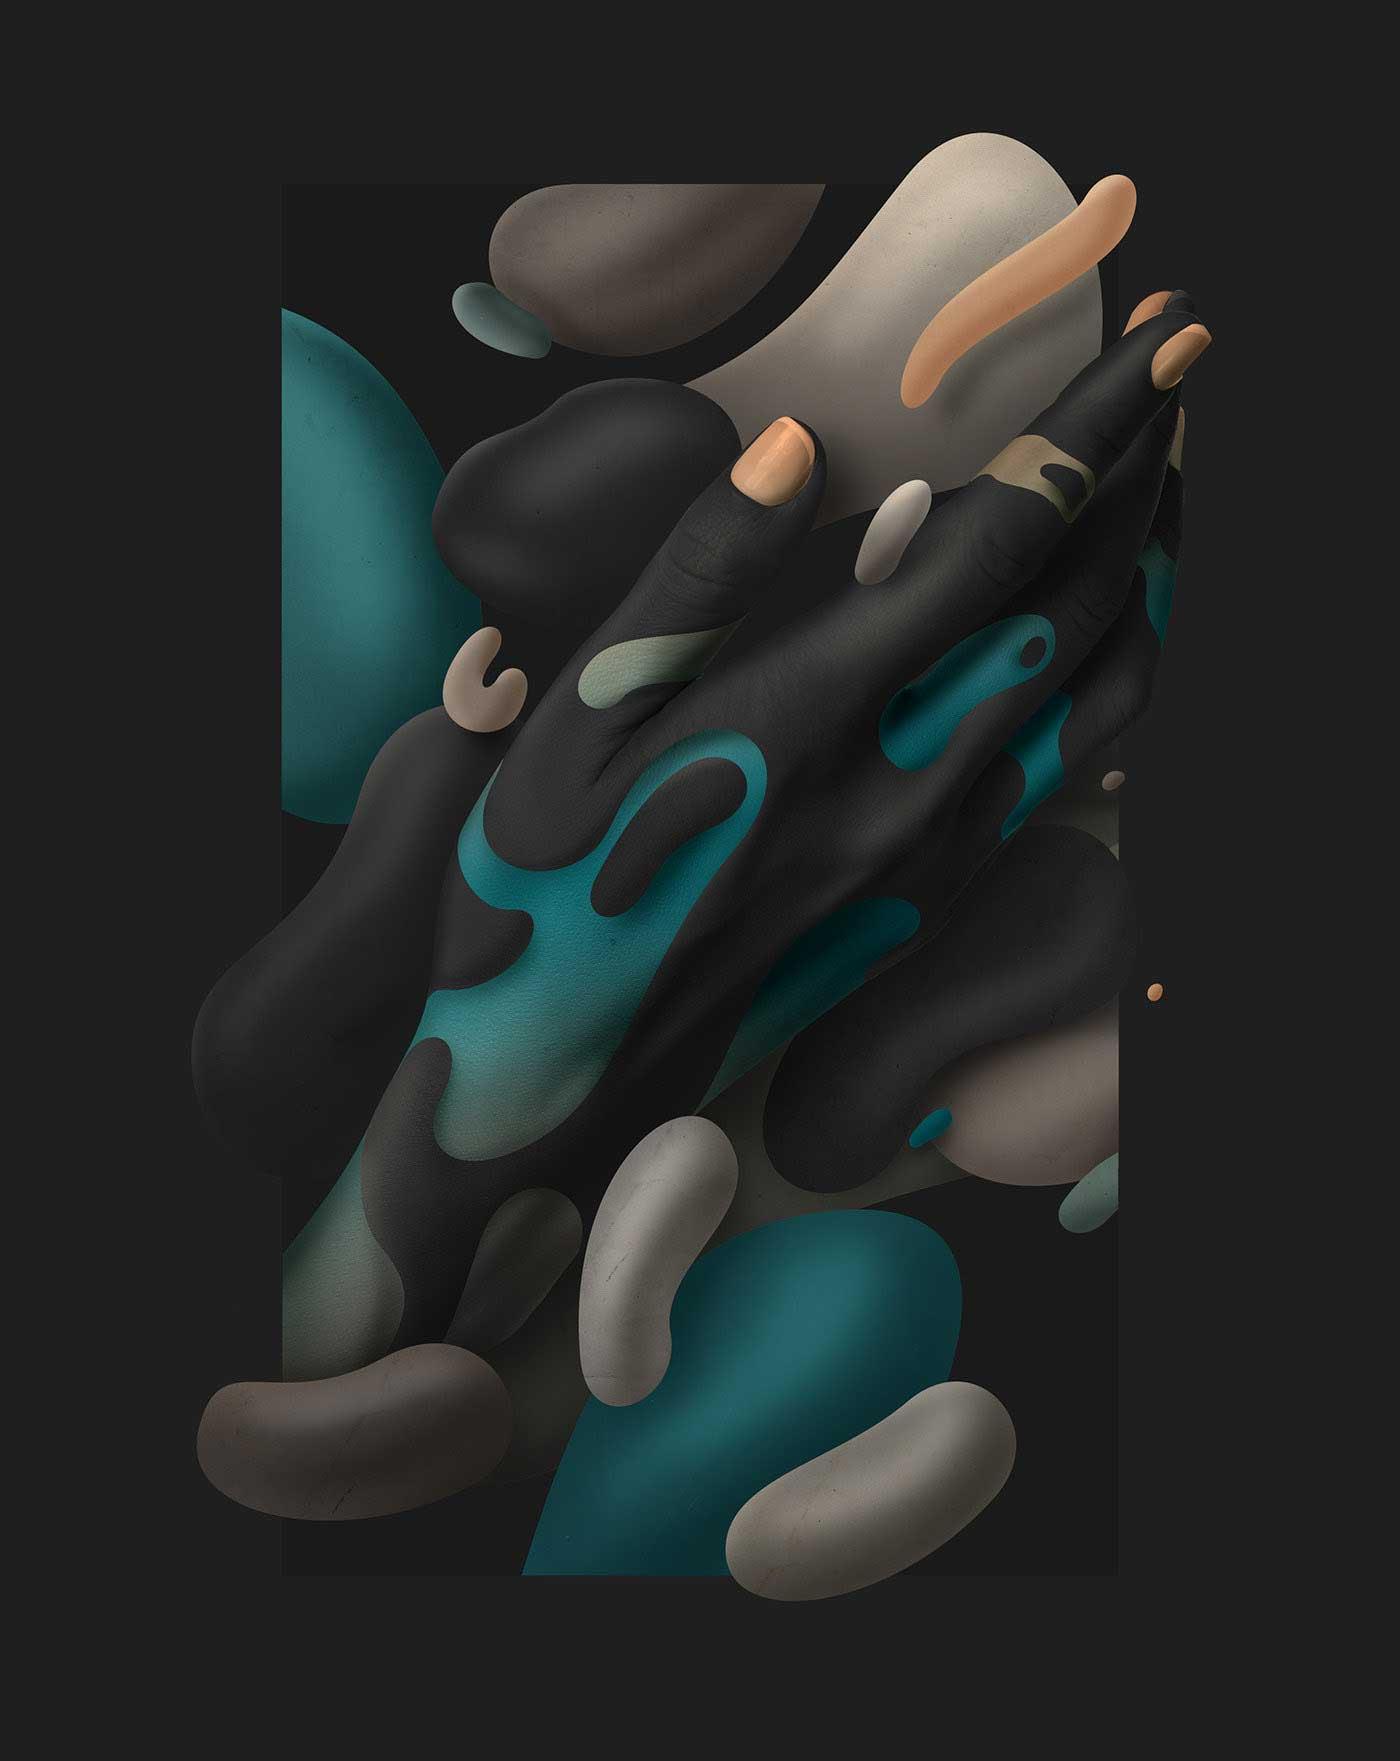 Digitale Kunst von Rik Oostenbroek Rik-Oostenbroek-human-fluidity_04